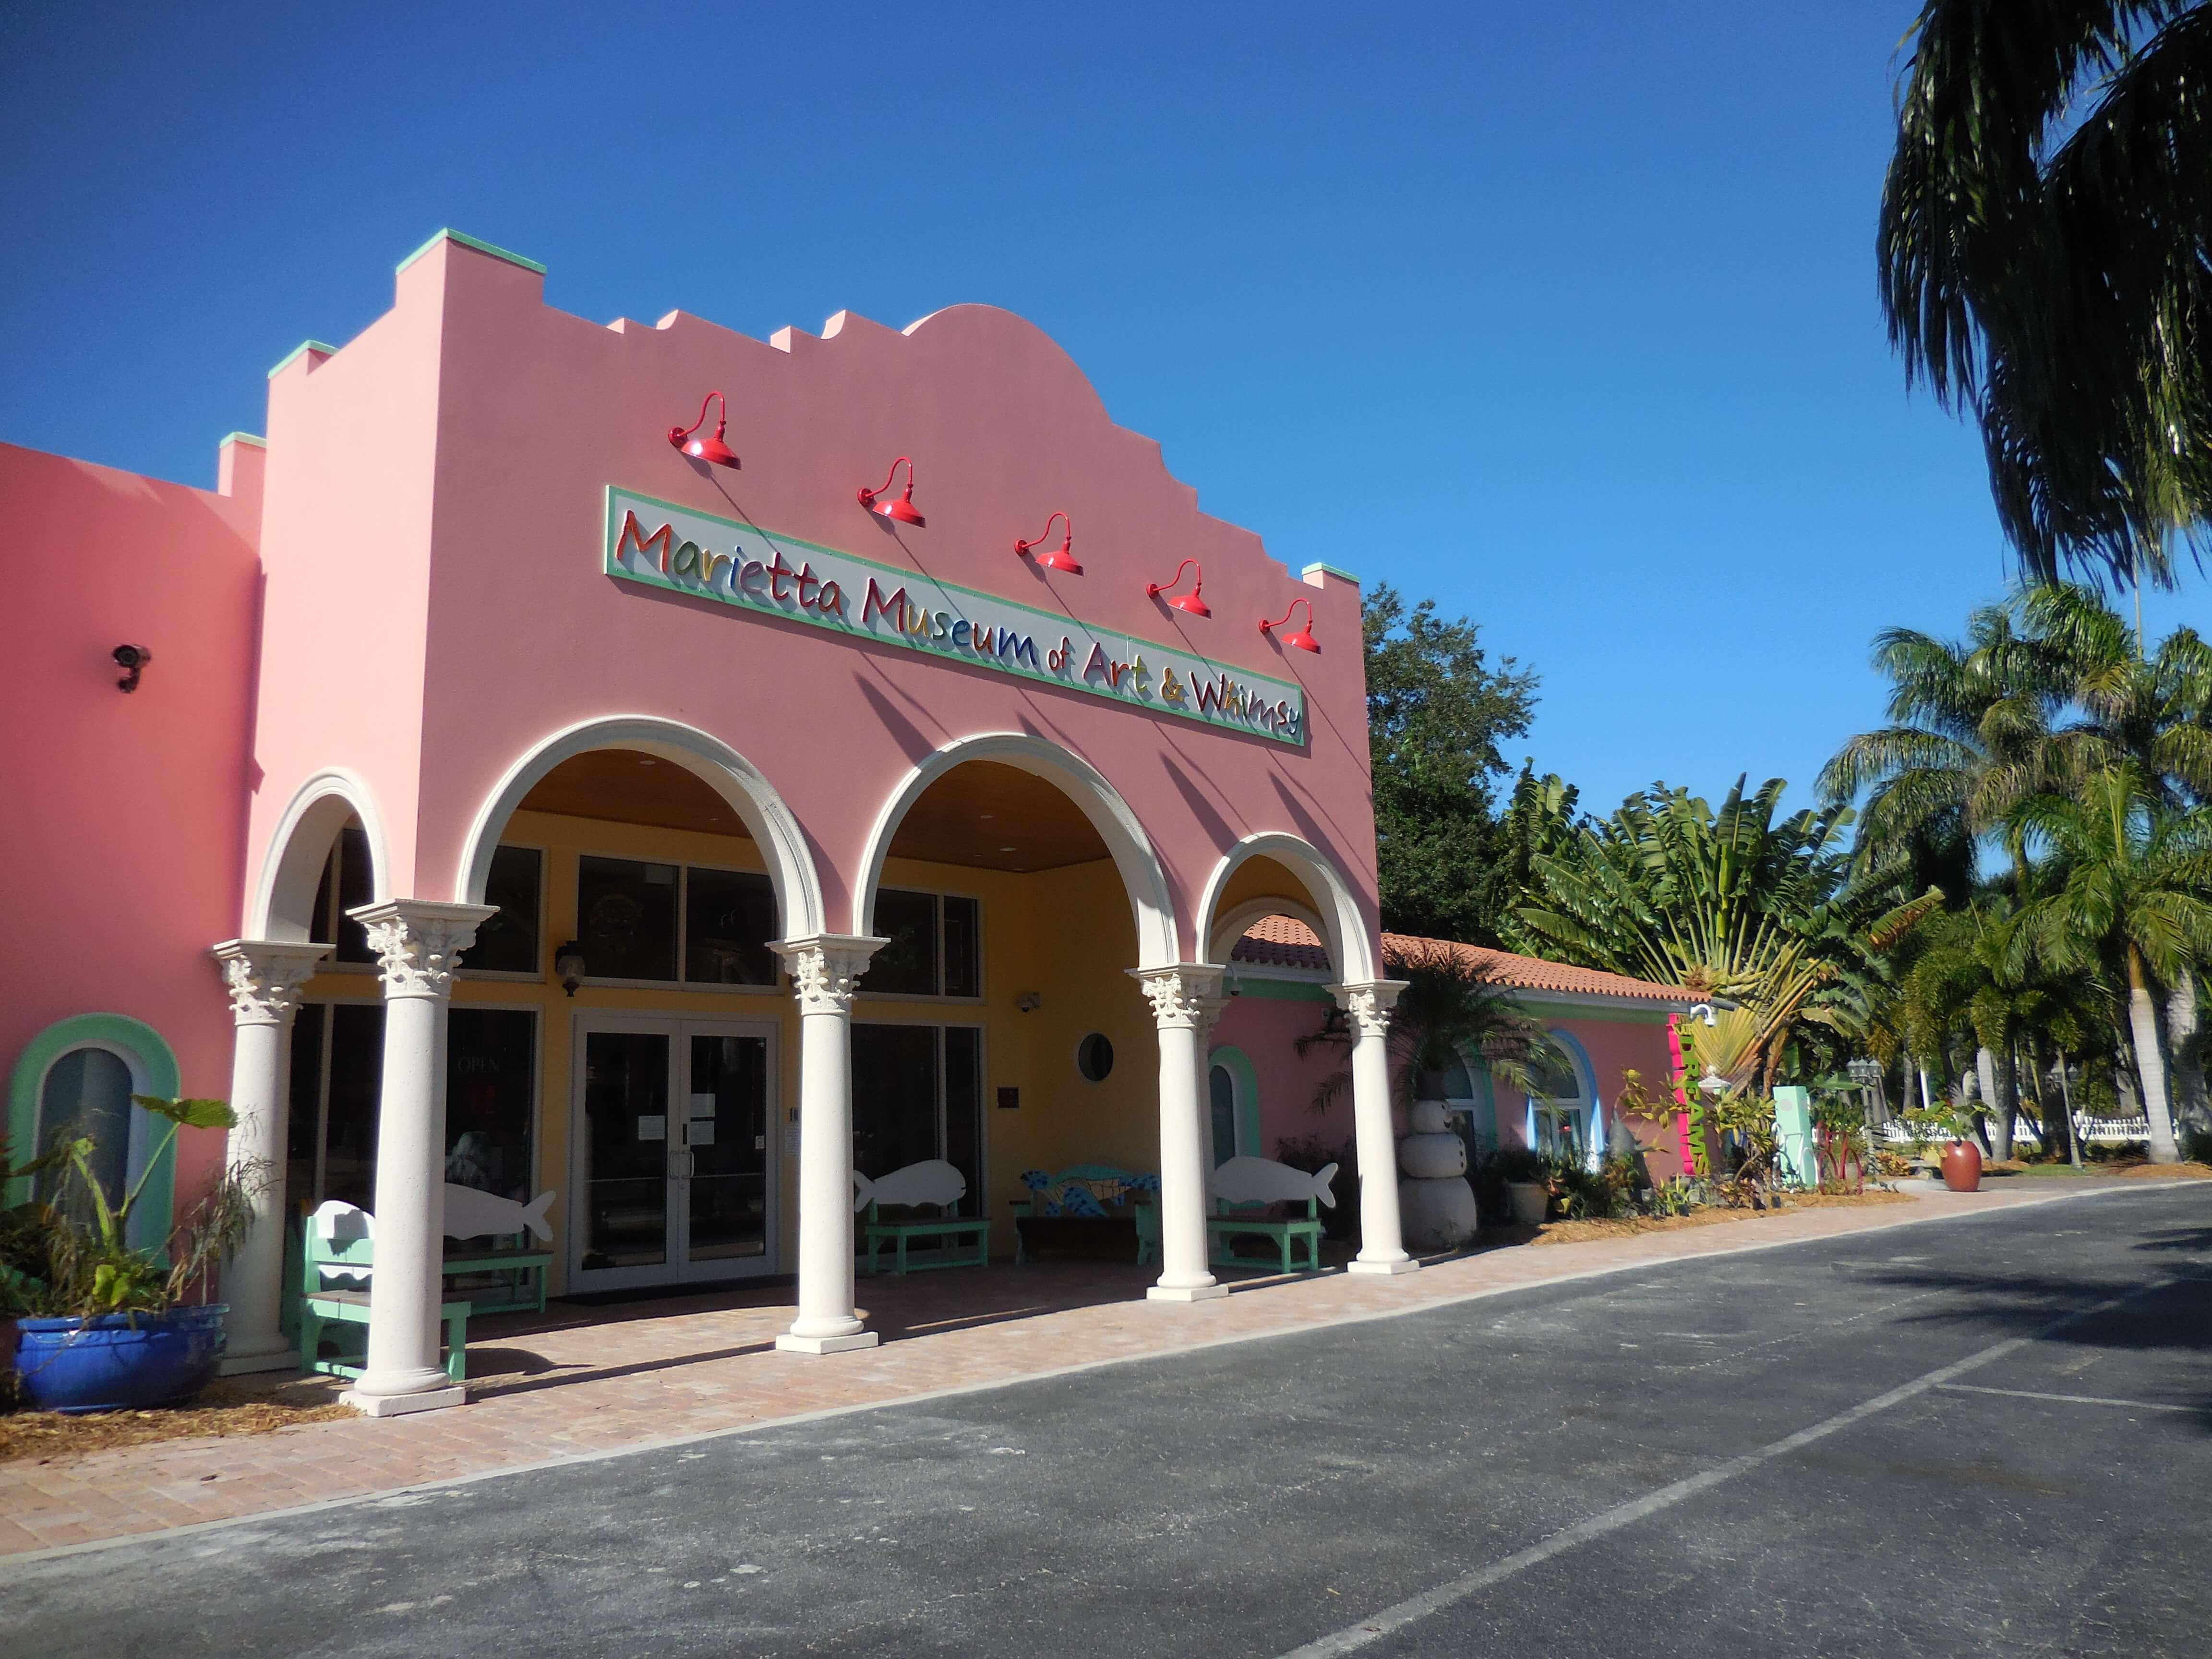 Pontos turísticos em Sarasota: Marietta Museum of Art & Whimsy